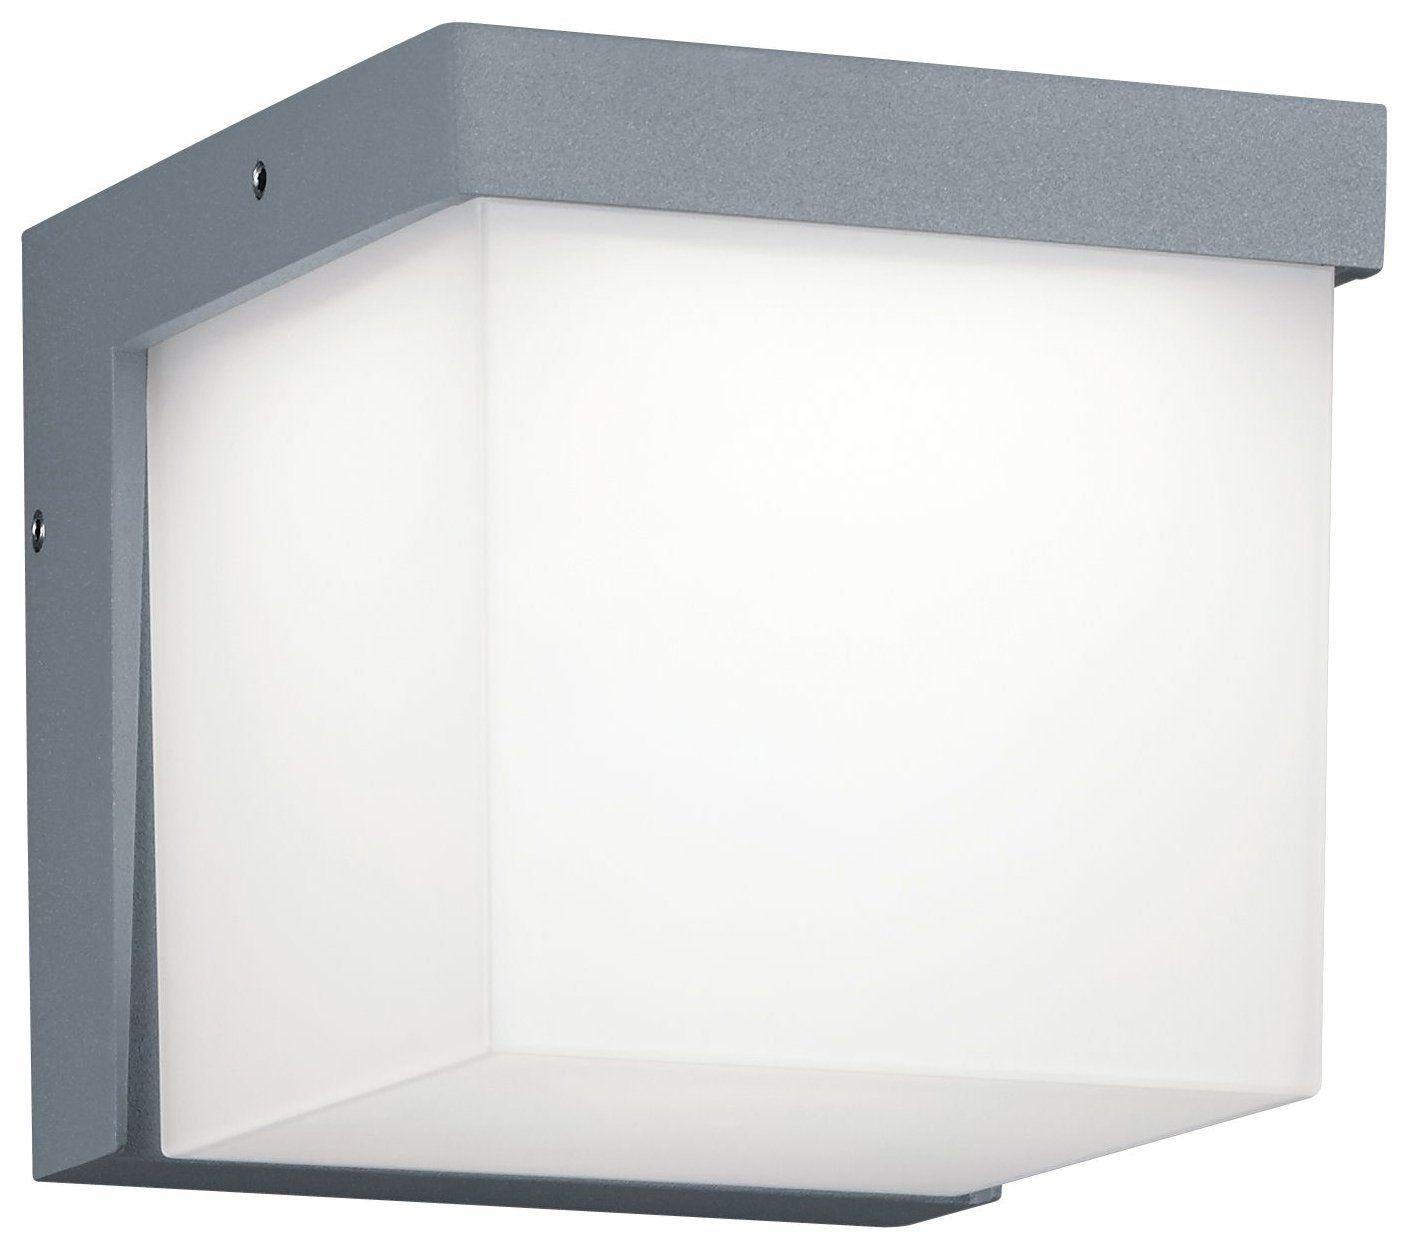 Trio leuchten led outdoor wall light diecast aluminium titanium